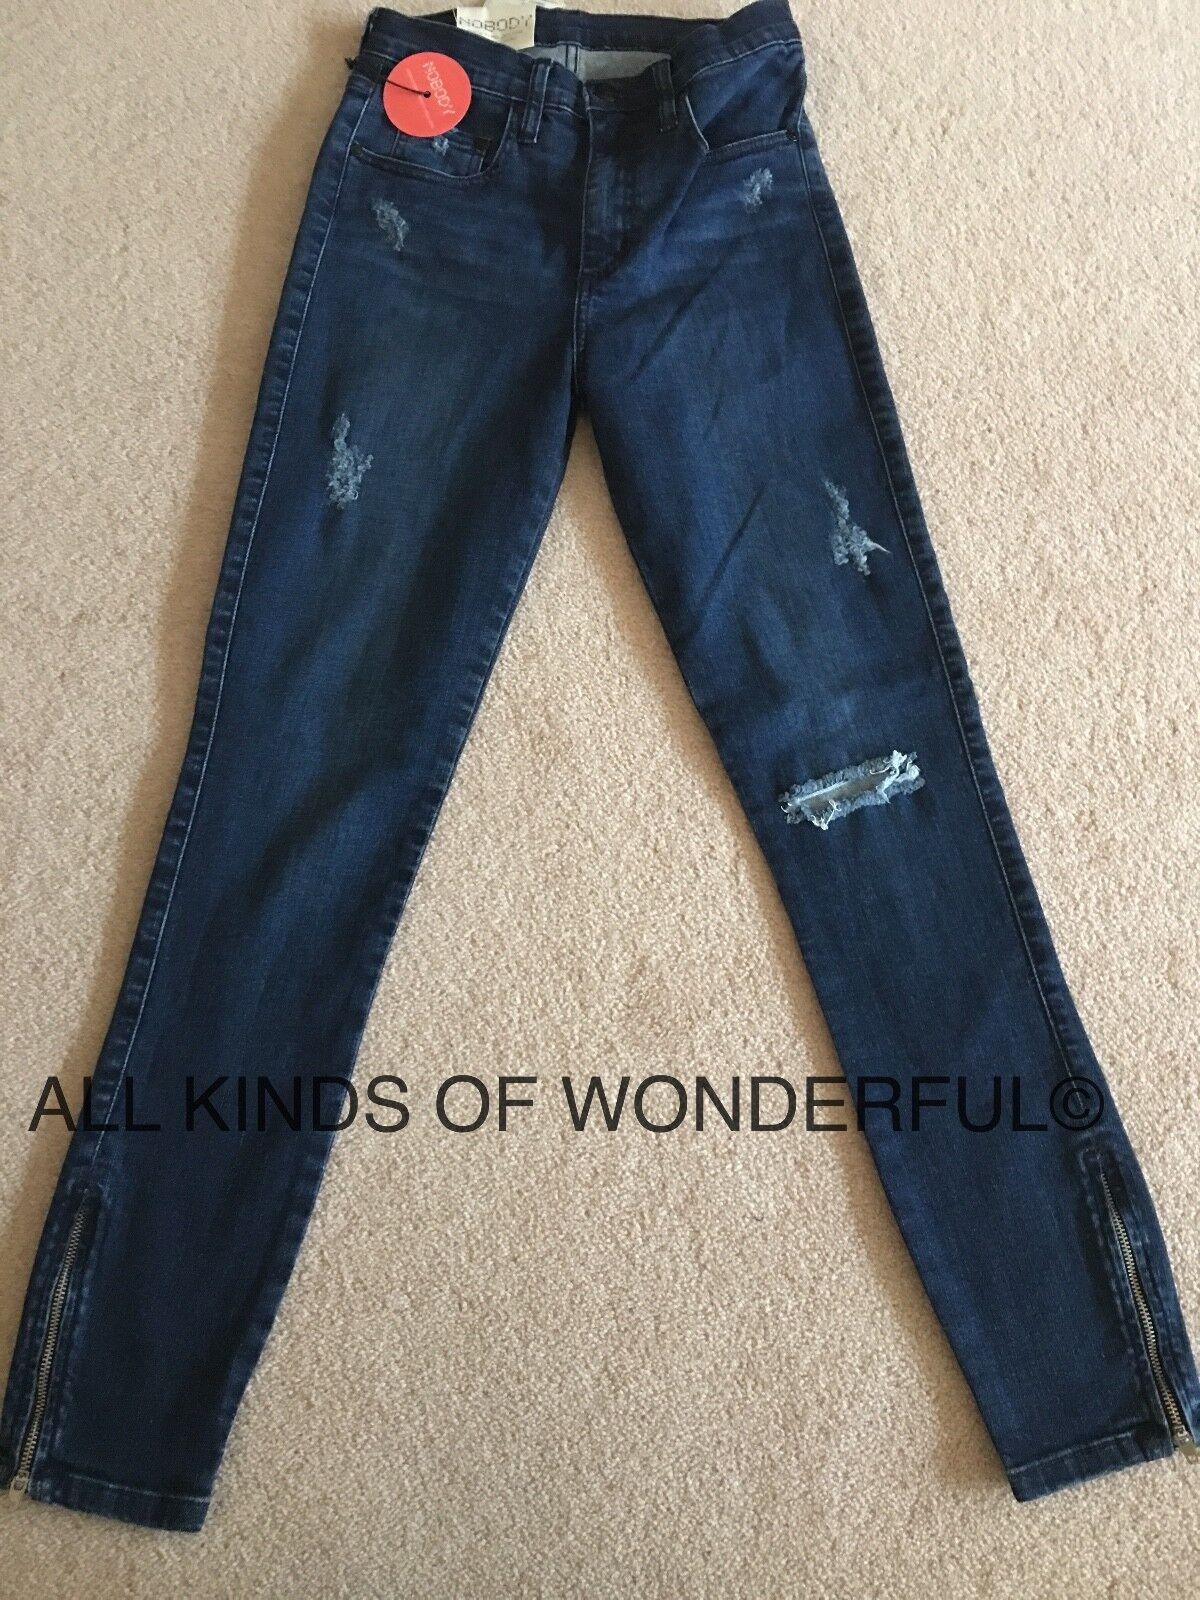 Nobody Cult Skinny With Zips High Rise in Vanity (DK bluee) RRP BNWT